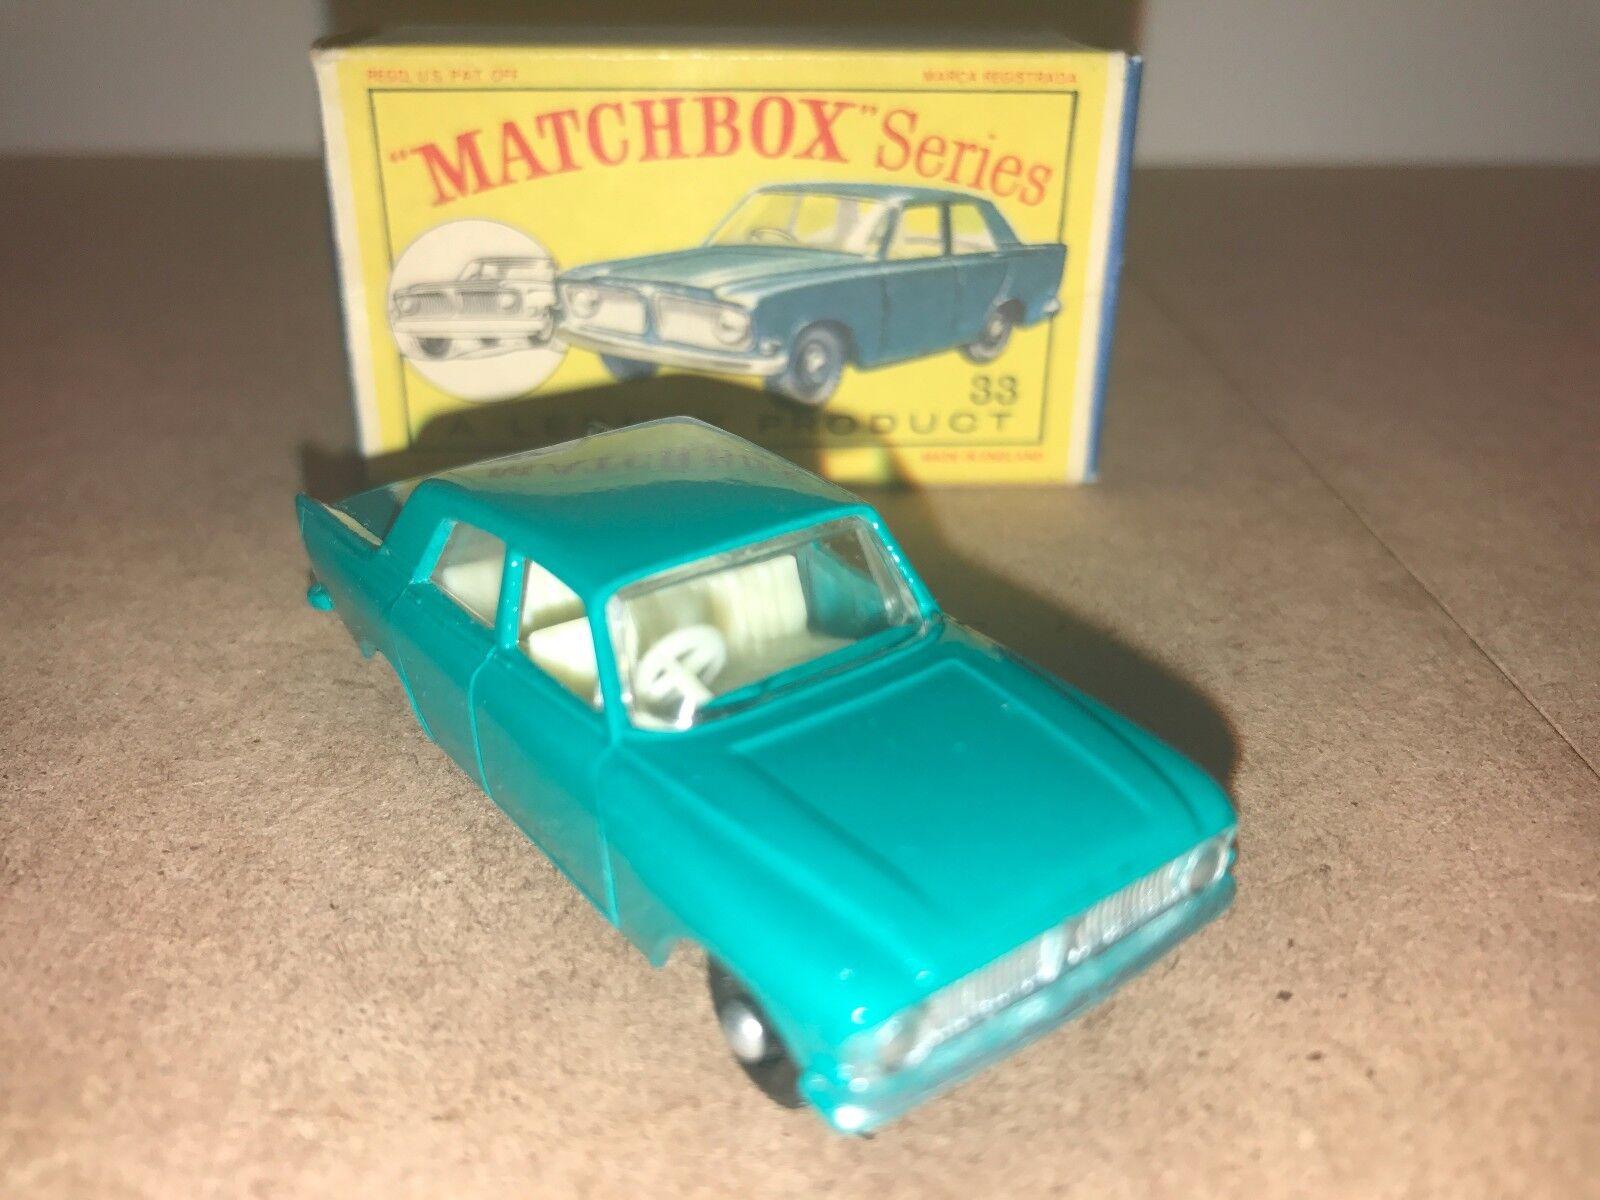 MATCHBOX LESNEY   33 FORD ZEPHYR avec boîte d'origine  des prix moins chers